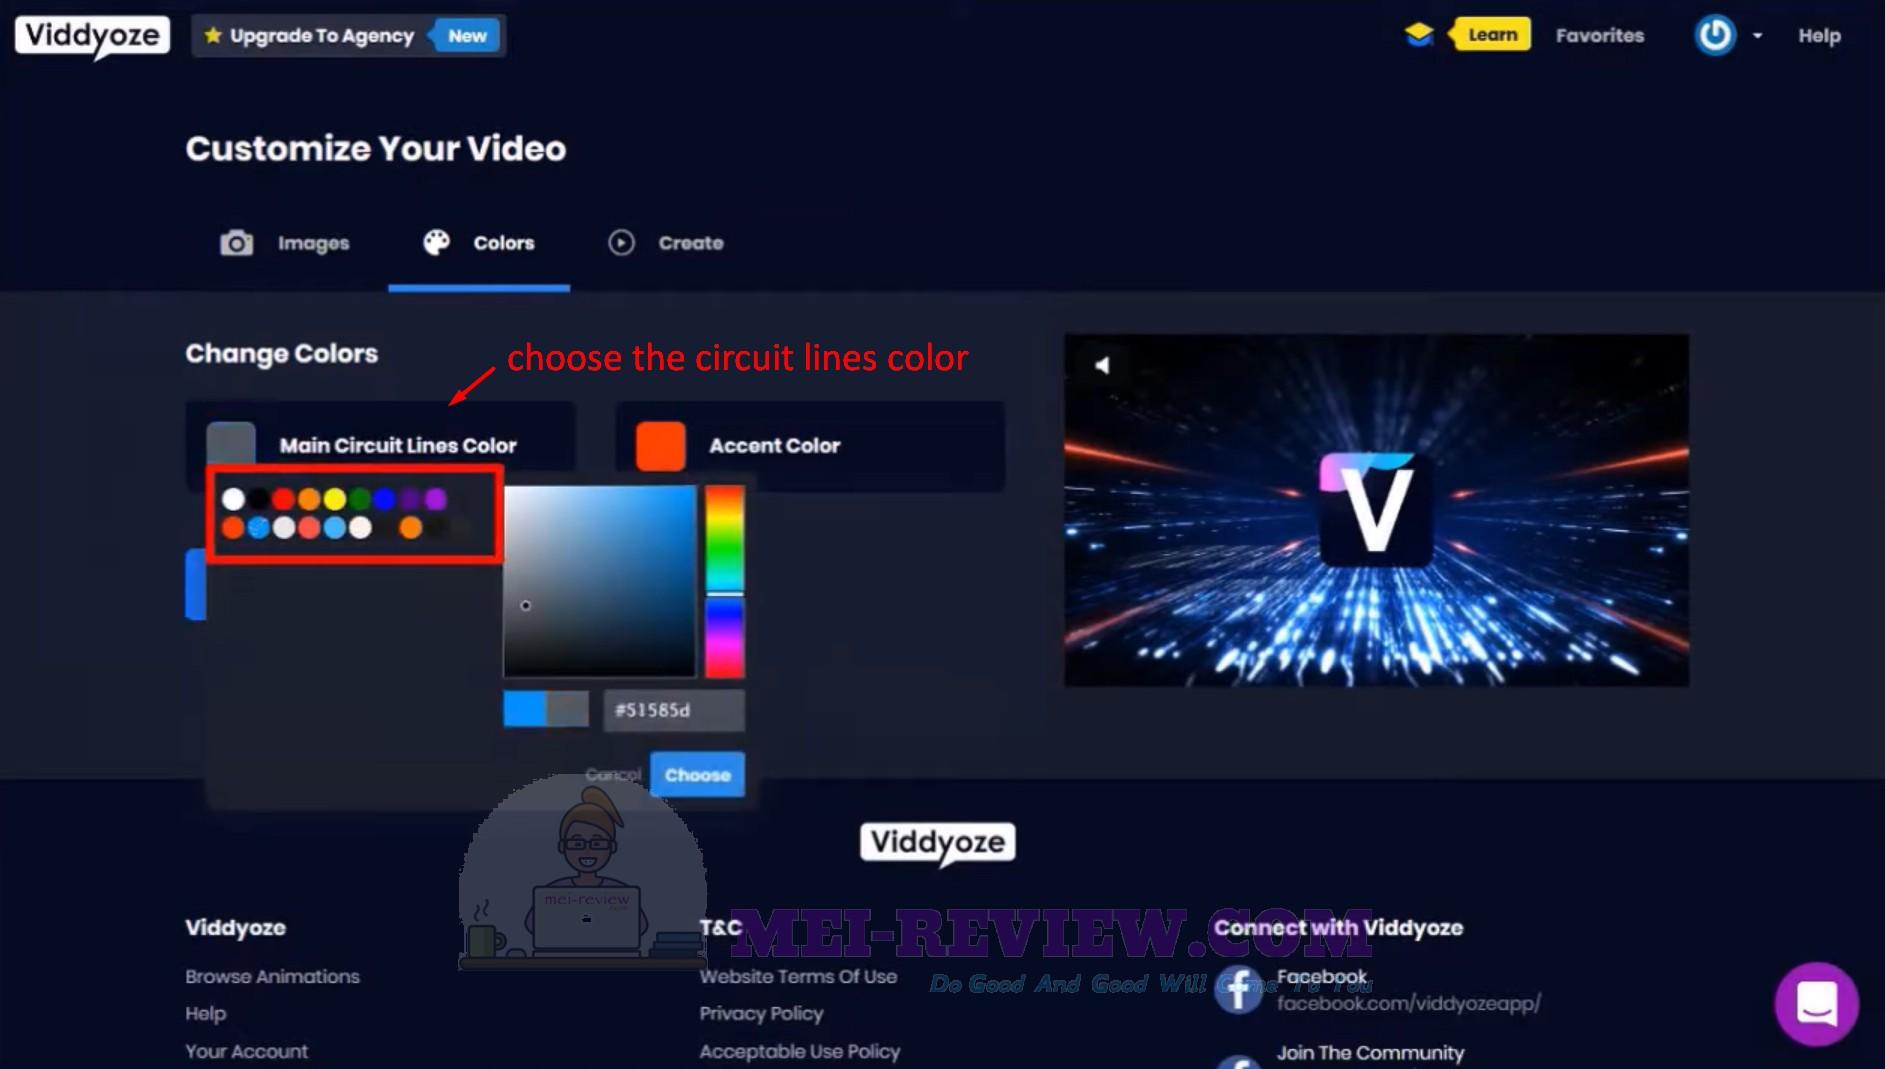 Viddyoze-Step-7-choose-color